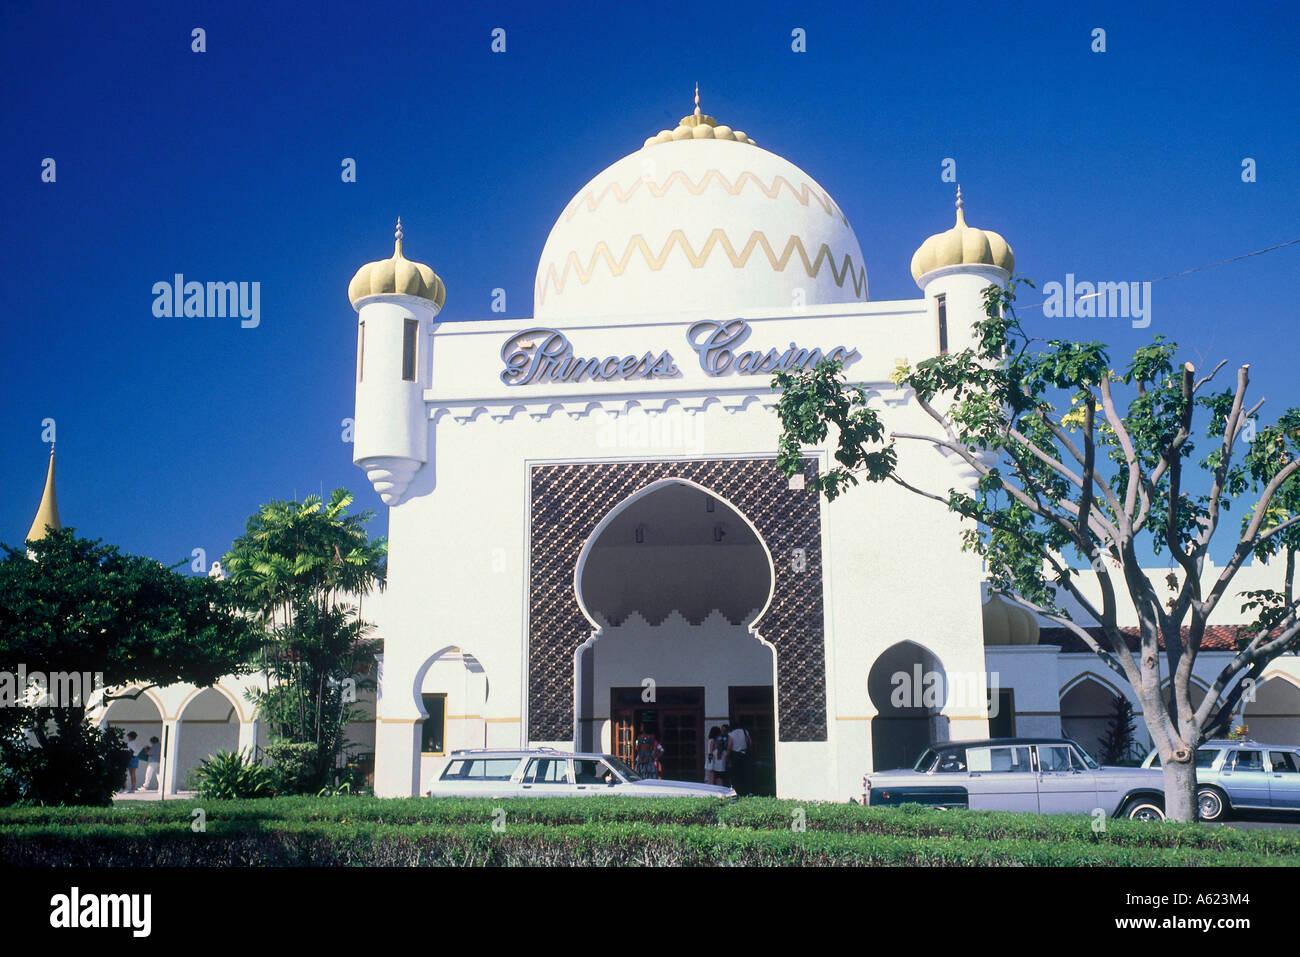 Bahamas casino princess california legal gambling age